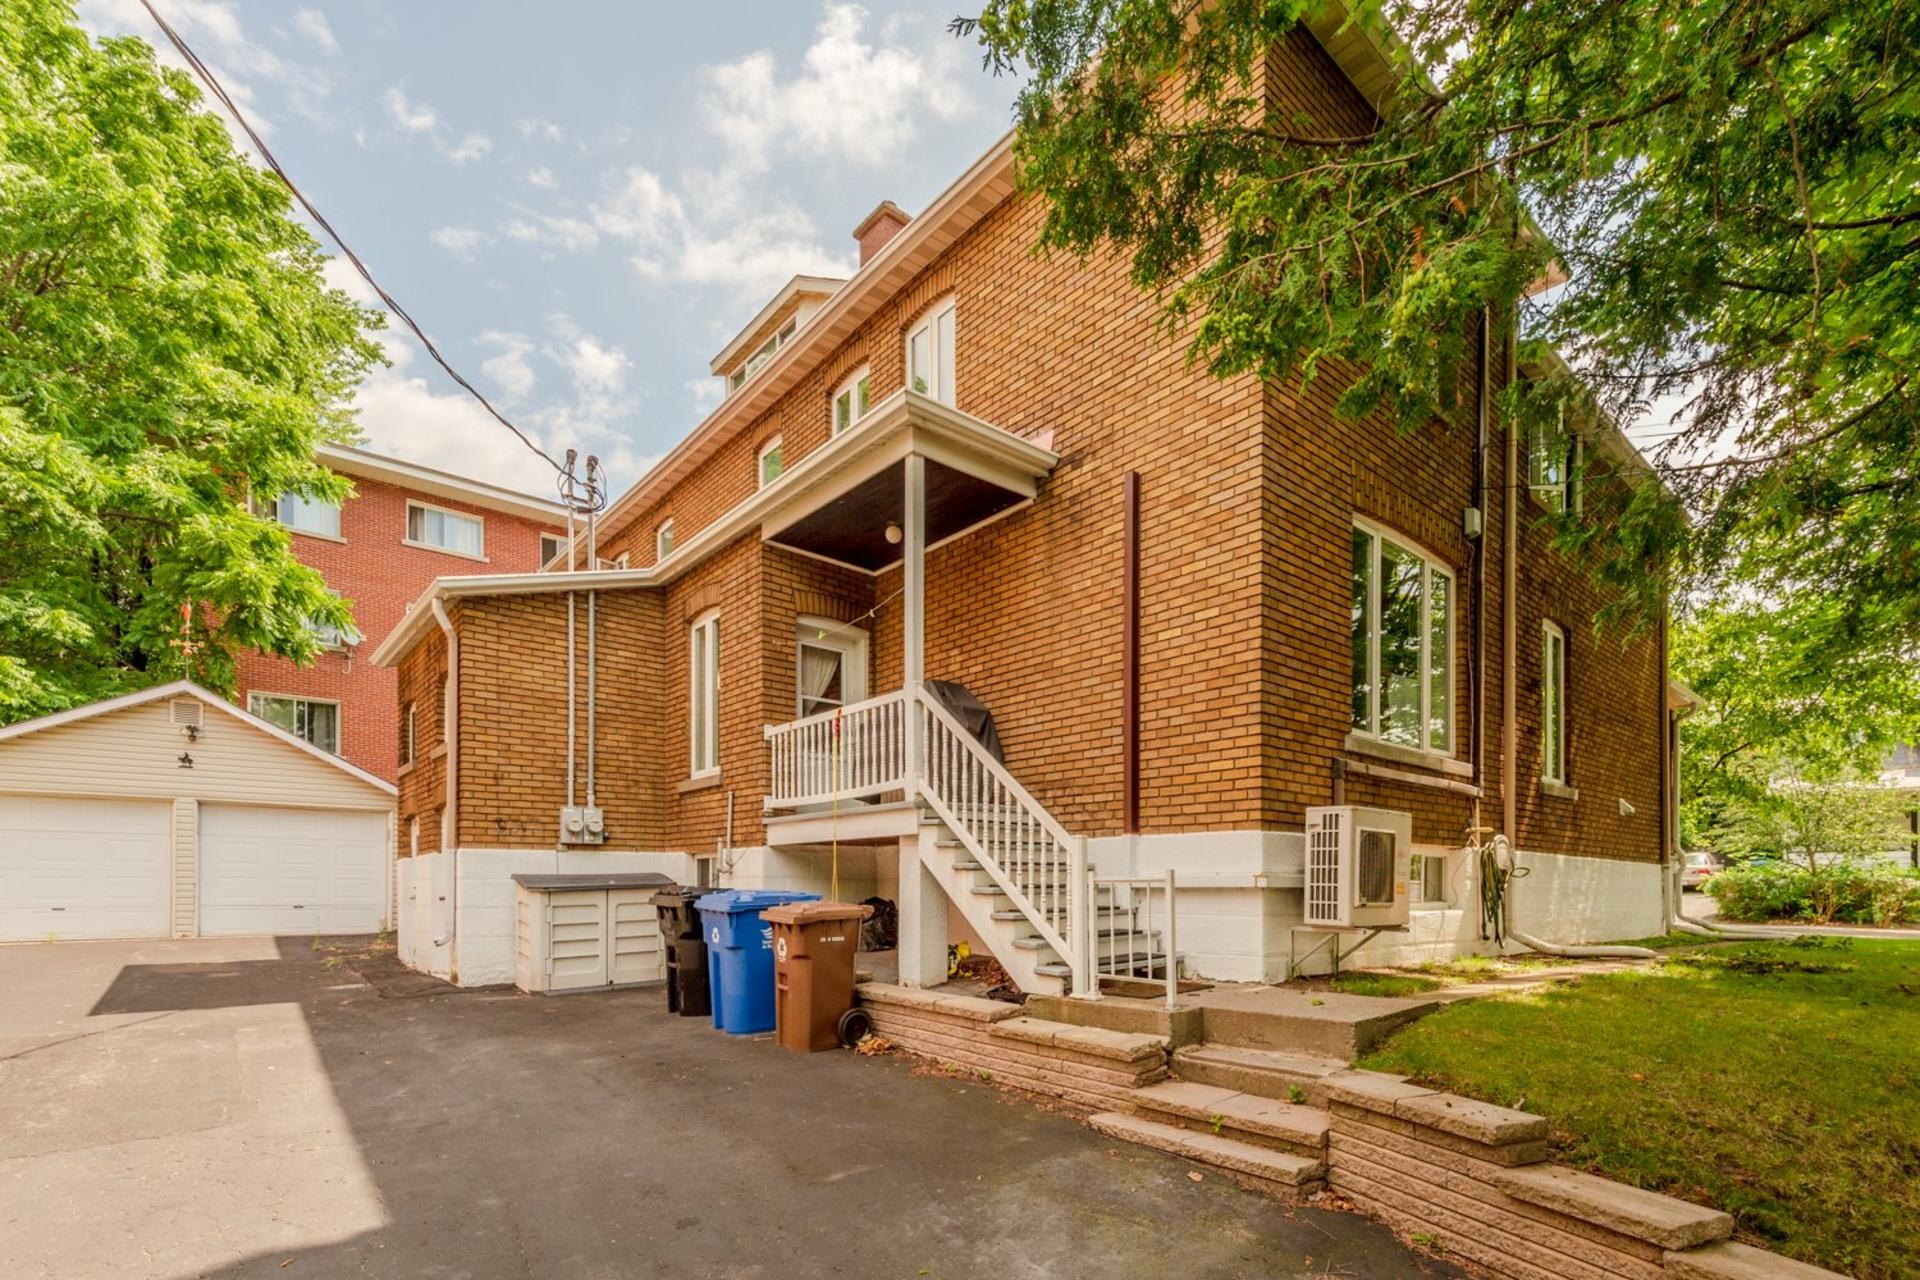 image 20 - Duplex For sale Sainte-Anne-de-Bellevue - 6 rooms